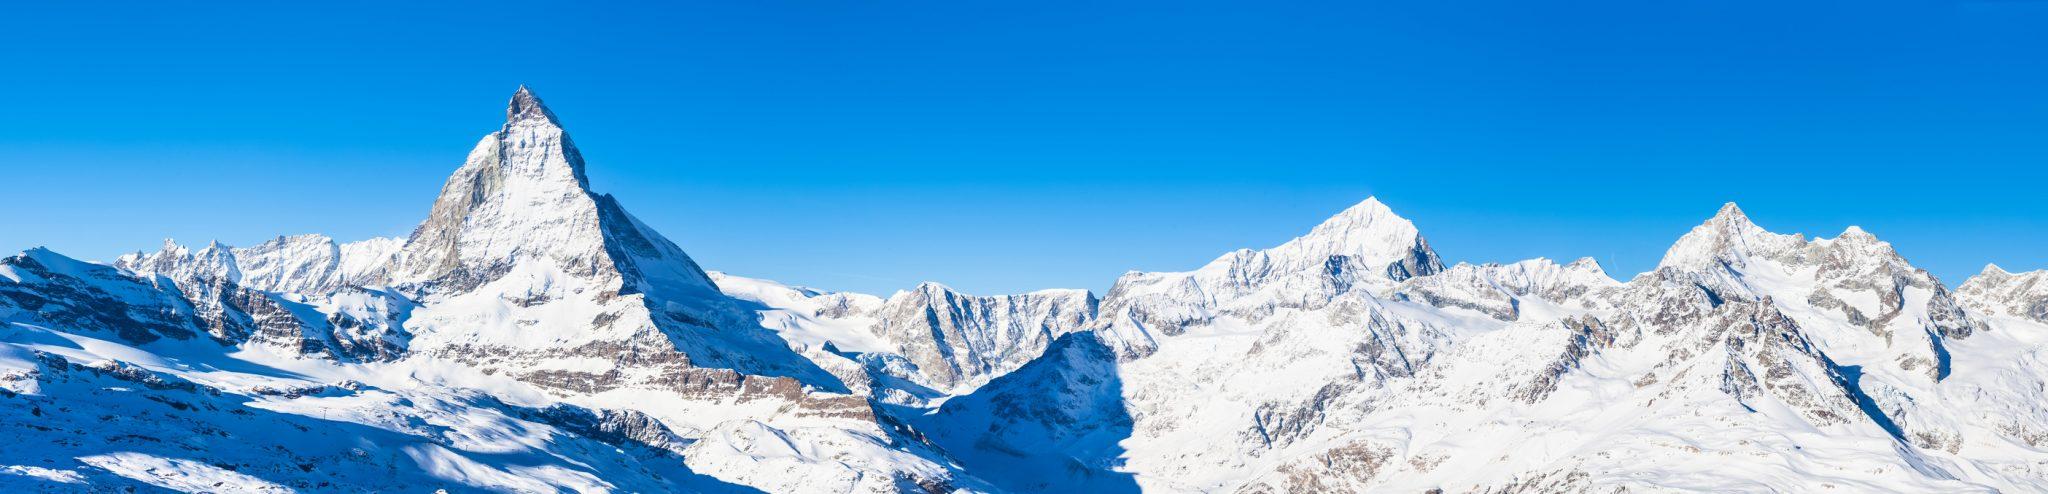 Rundflug Schweiz - Zum Matterhorn